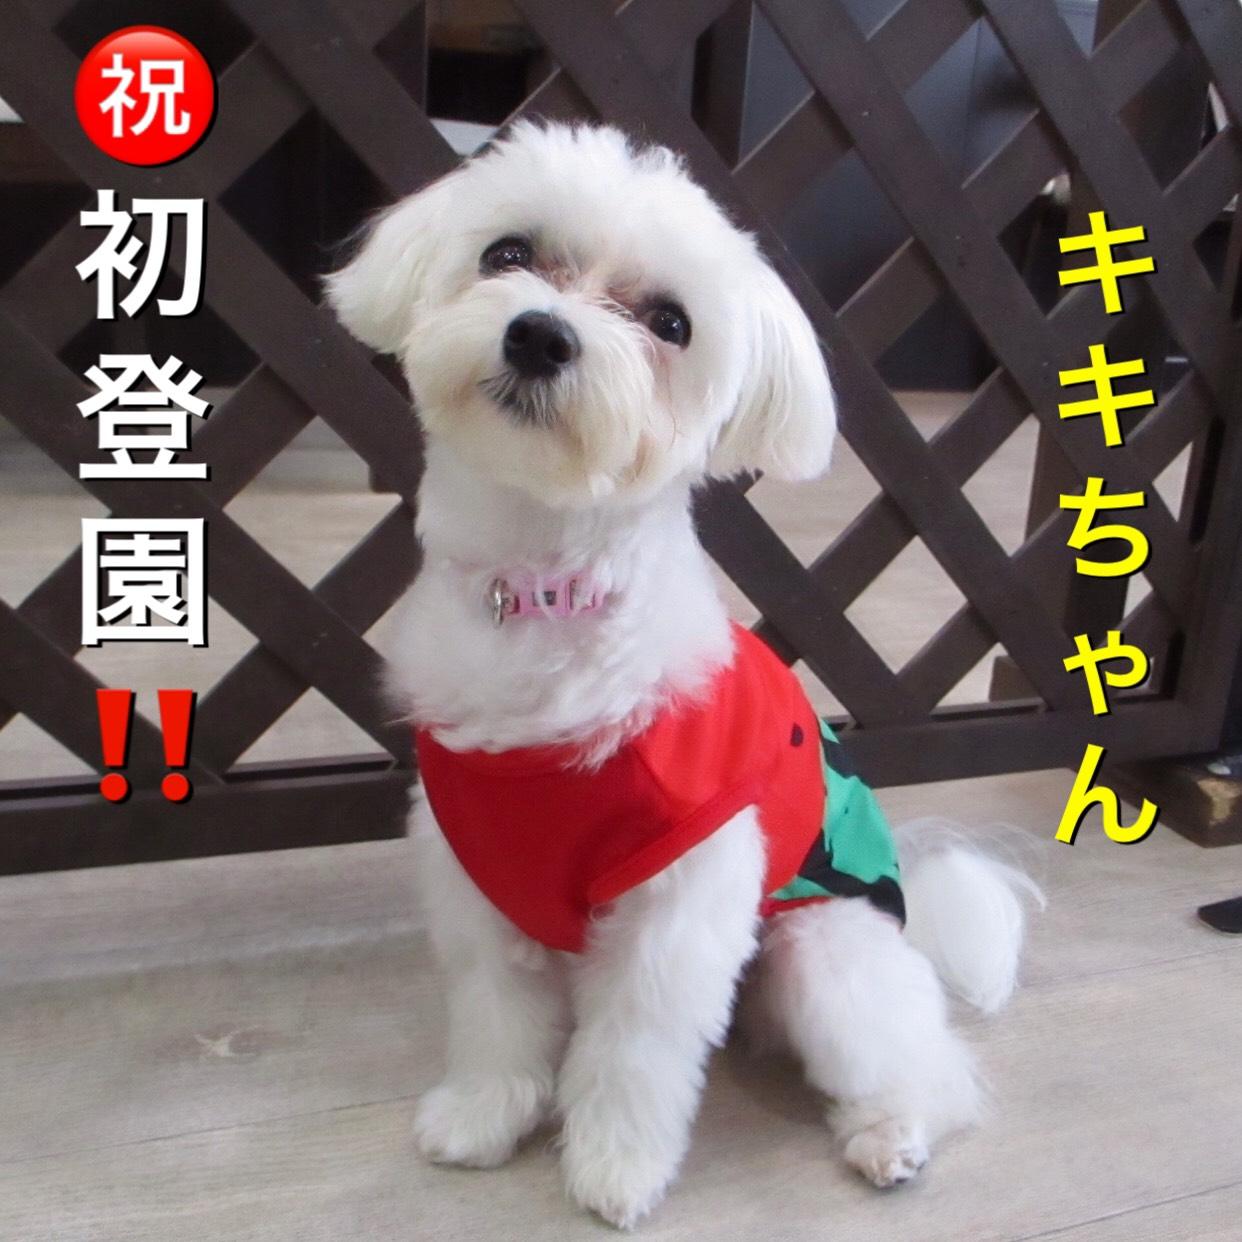 キキちゃん・犬の保育園Baby・犬・犬のしつけ・犬の社会化